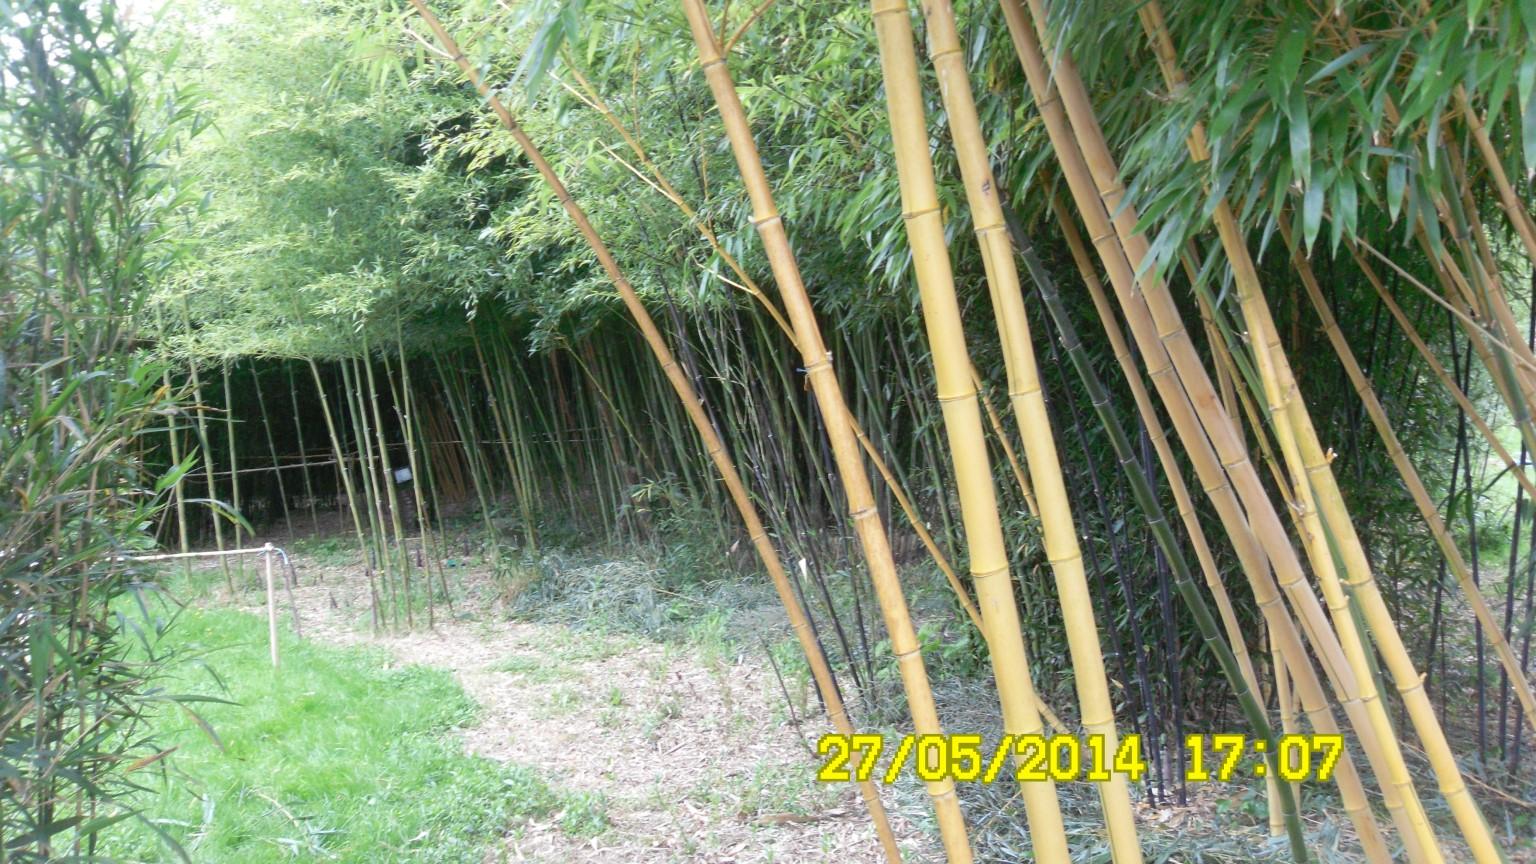 jardin bambousNet14 JPG